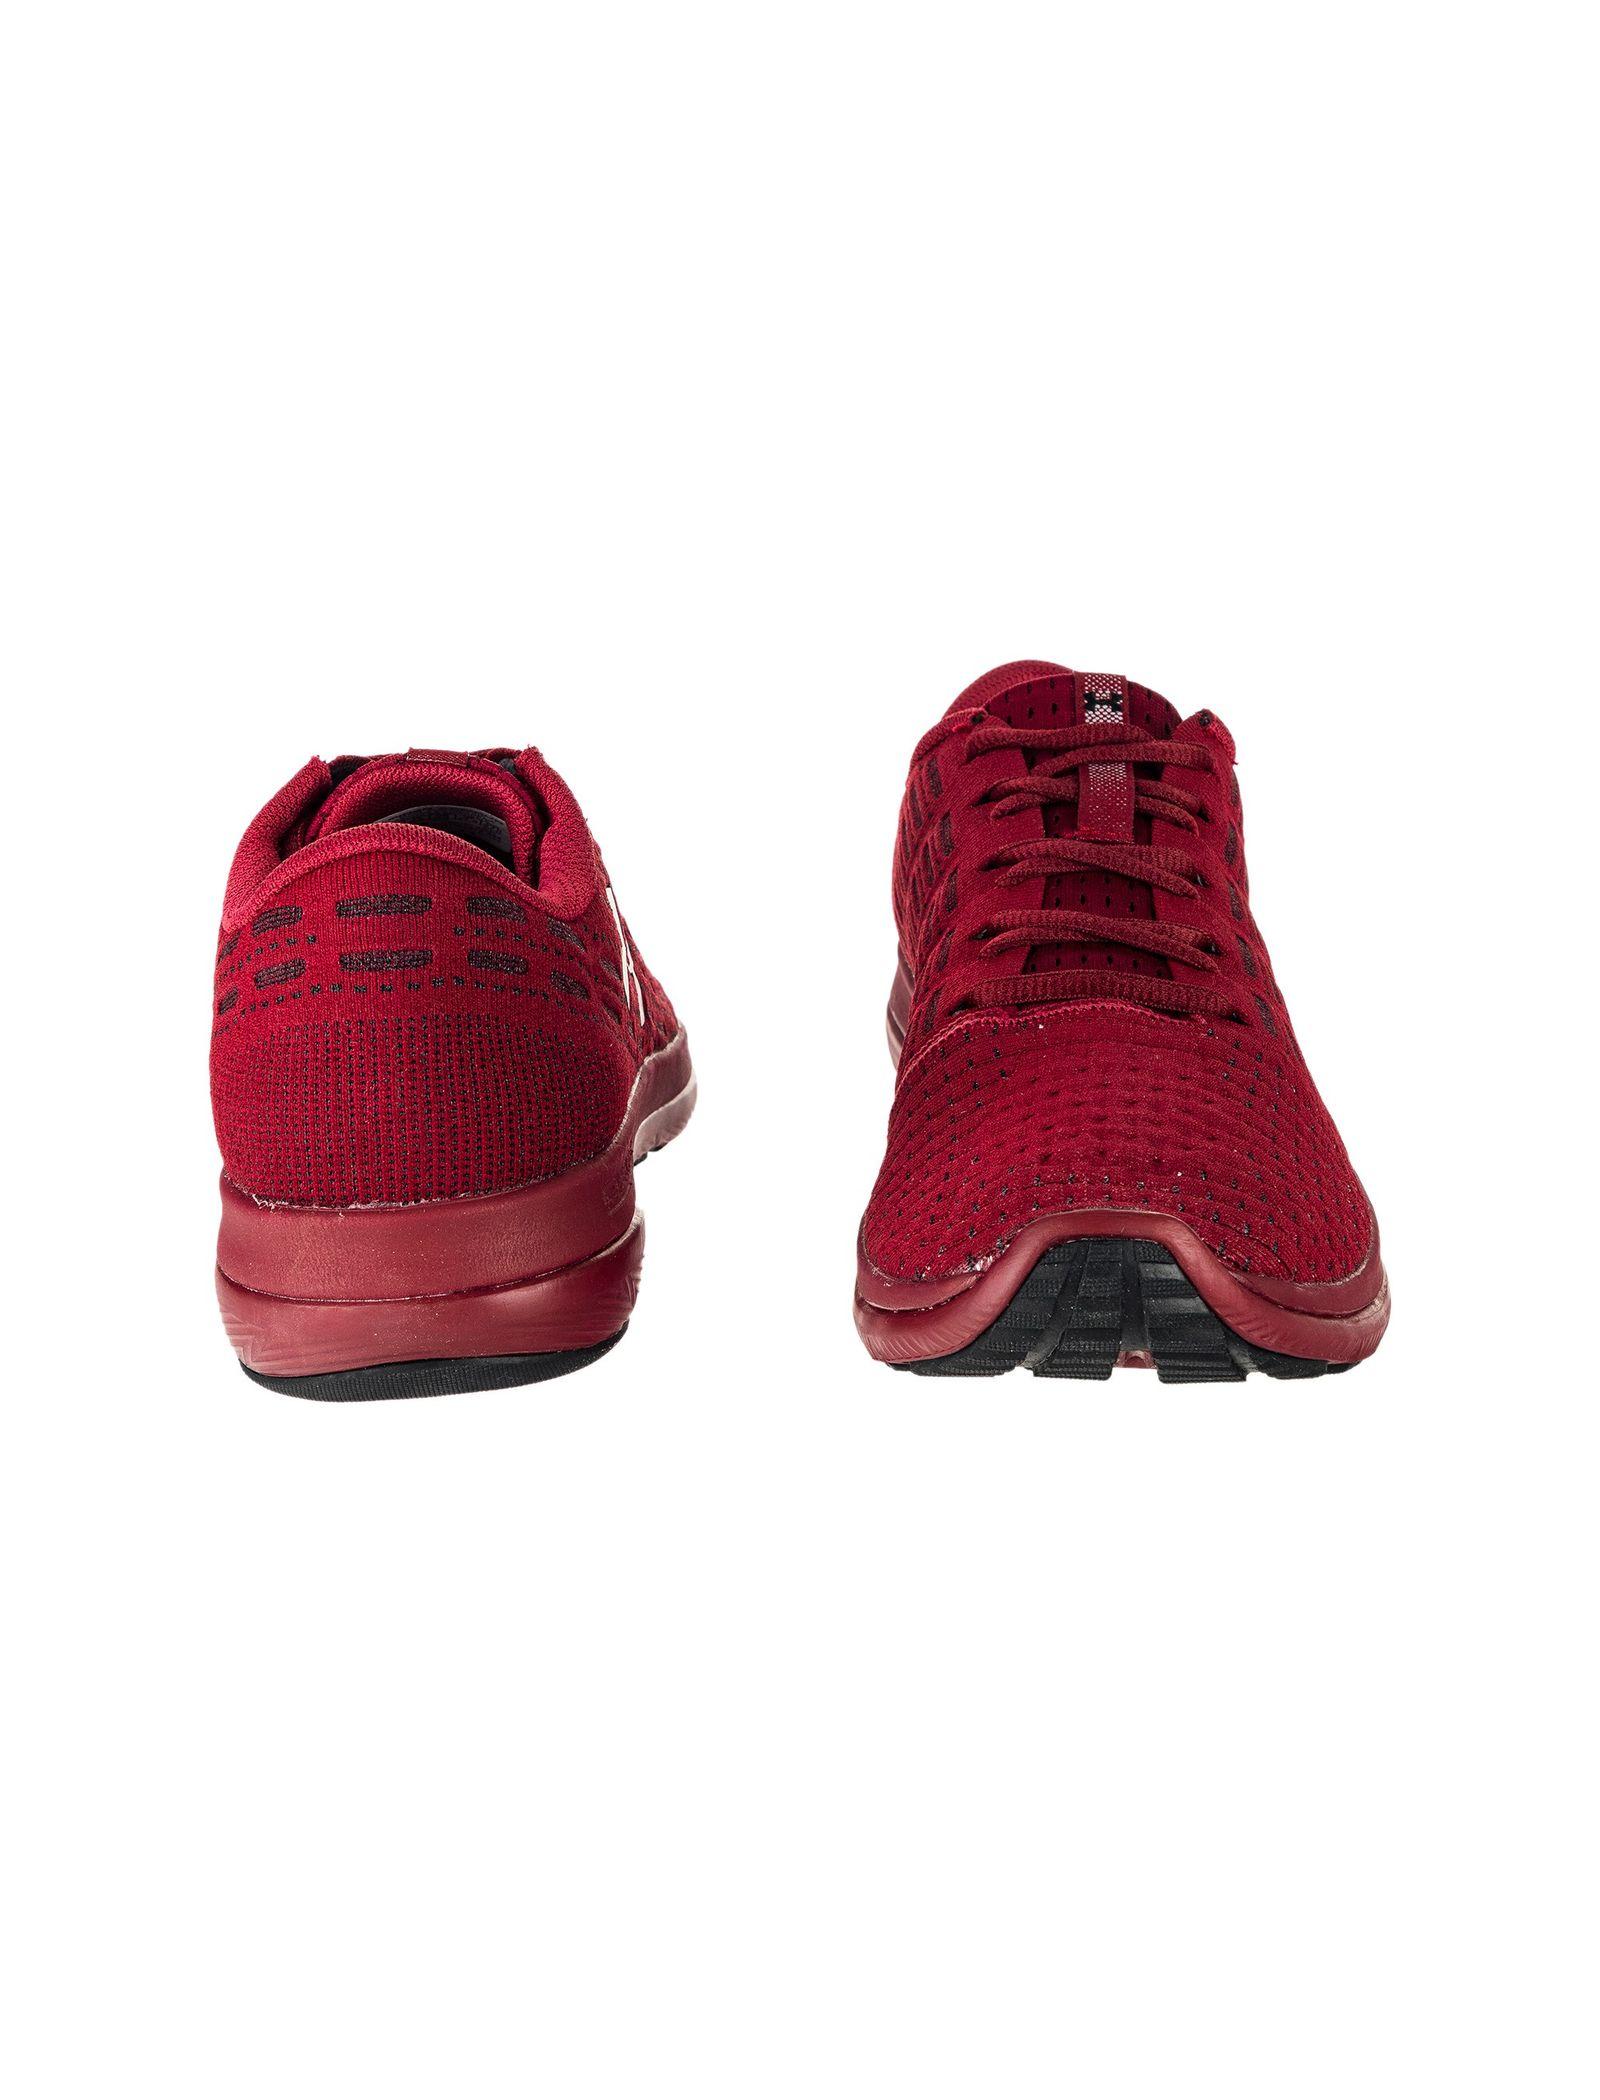 کفش دویدن بندی مردانه Threadborne Slingflex - آندر آرمور - زرشکي - 5